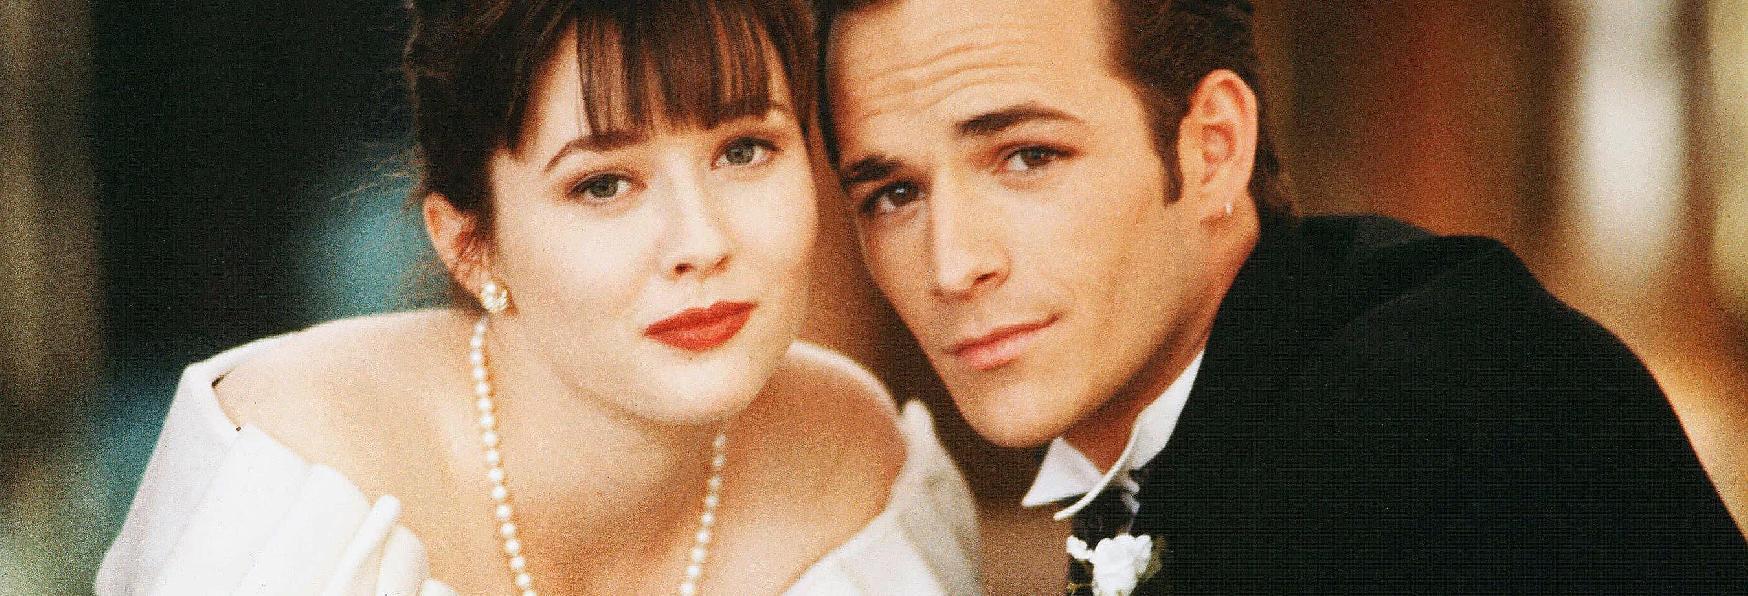 90210: Shannen Doherty sarà nel Cast del Revival di Beverly Hills